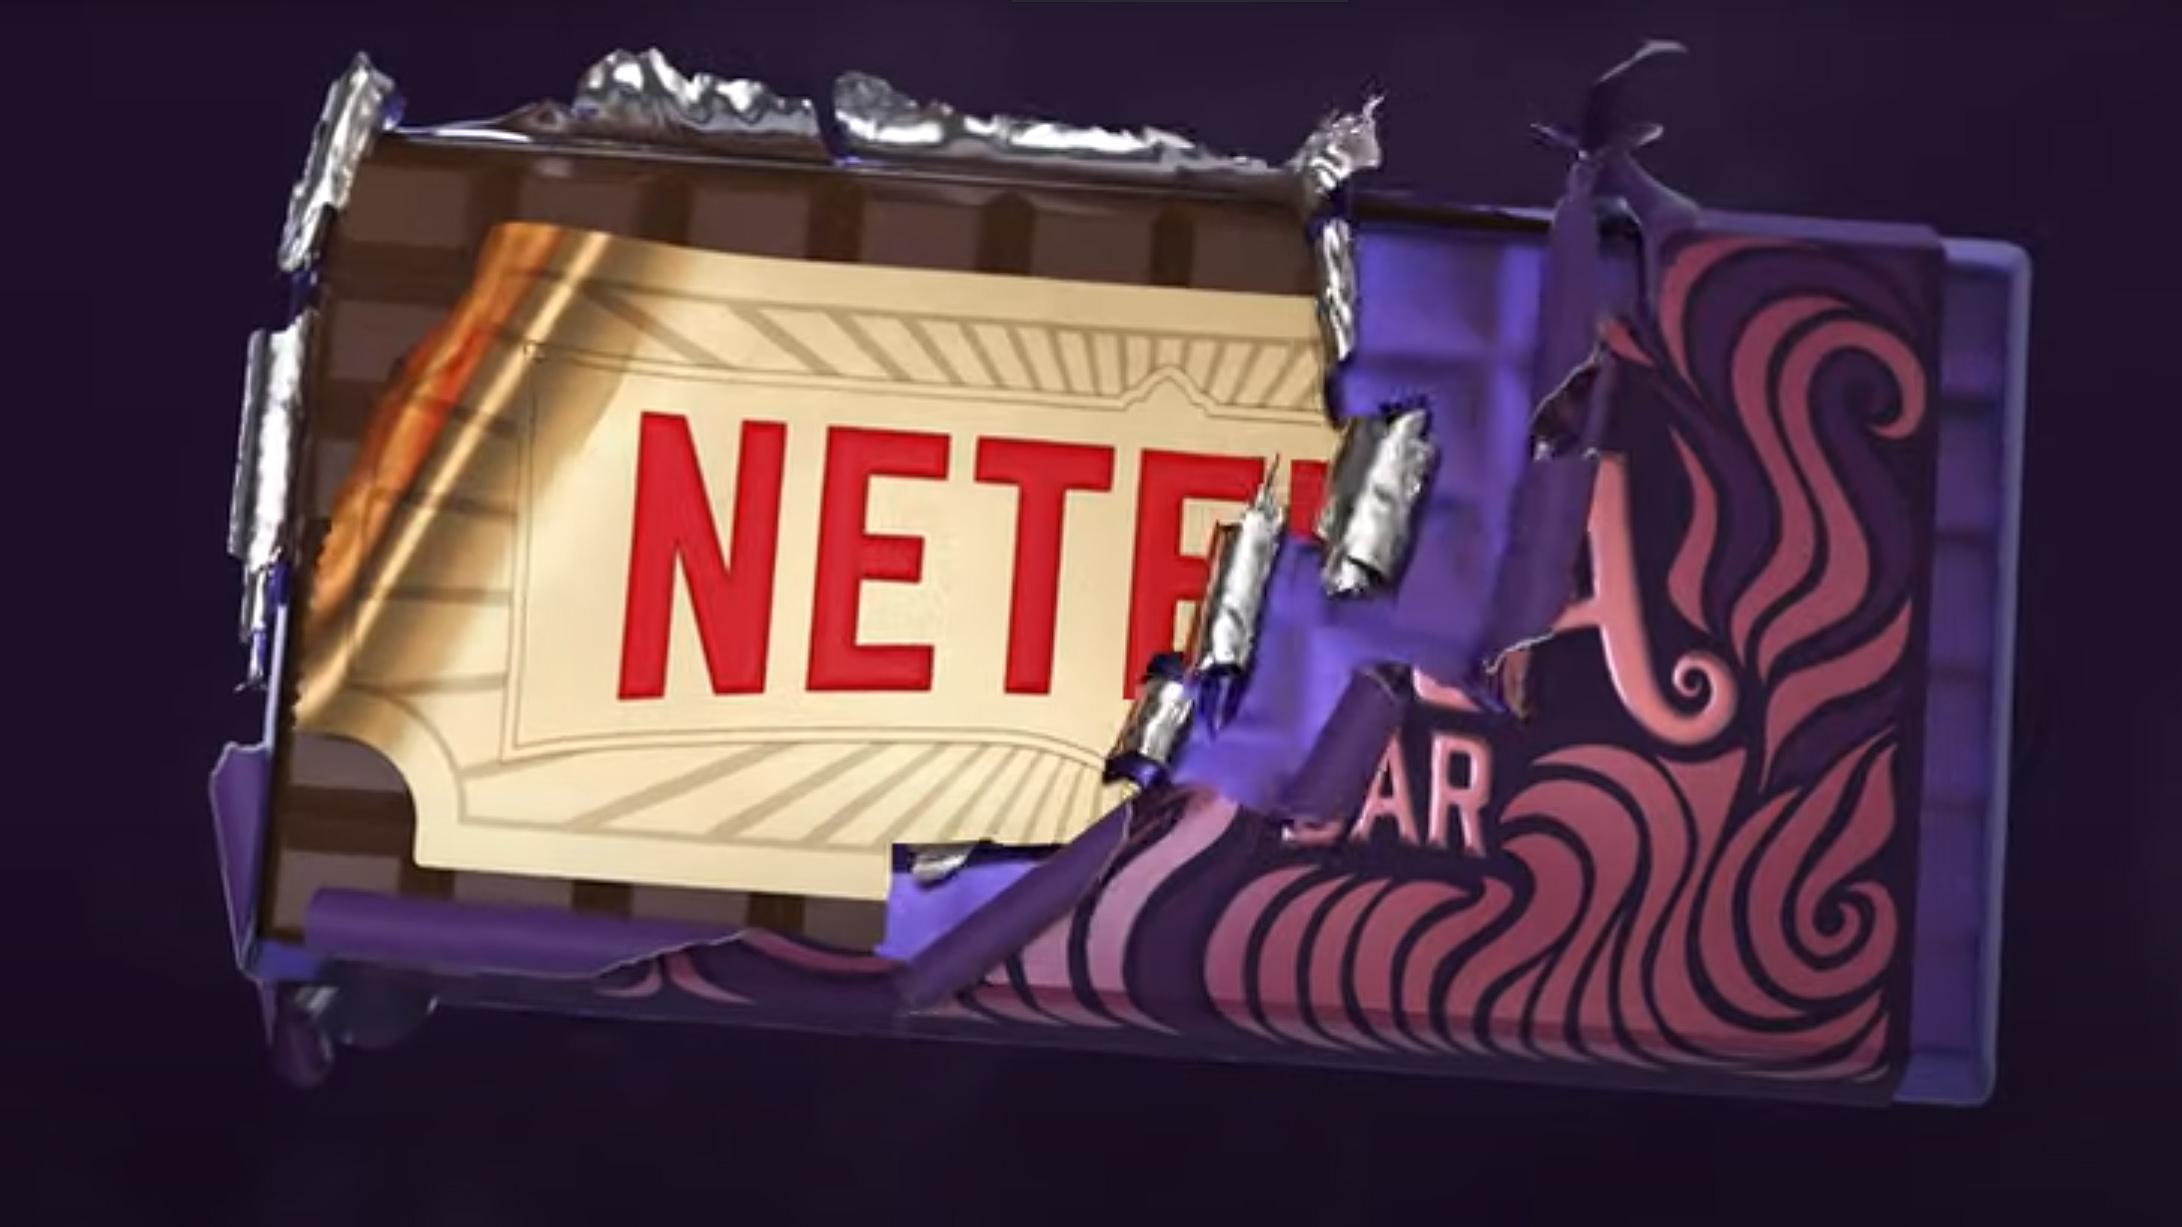 Netflix ser tilsynelatende på Roald Dahl-oppkjøpet som en gullbillett, kjent fra historiene om Charlie og sjokoladefabrikken.